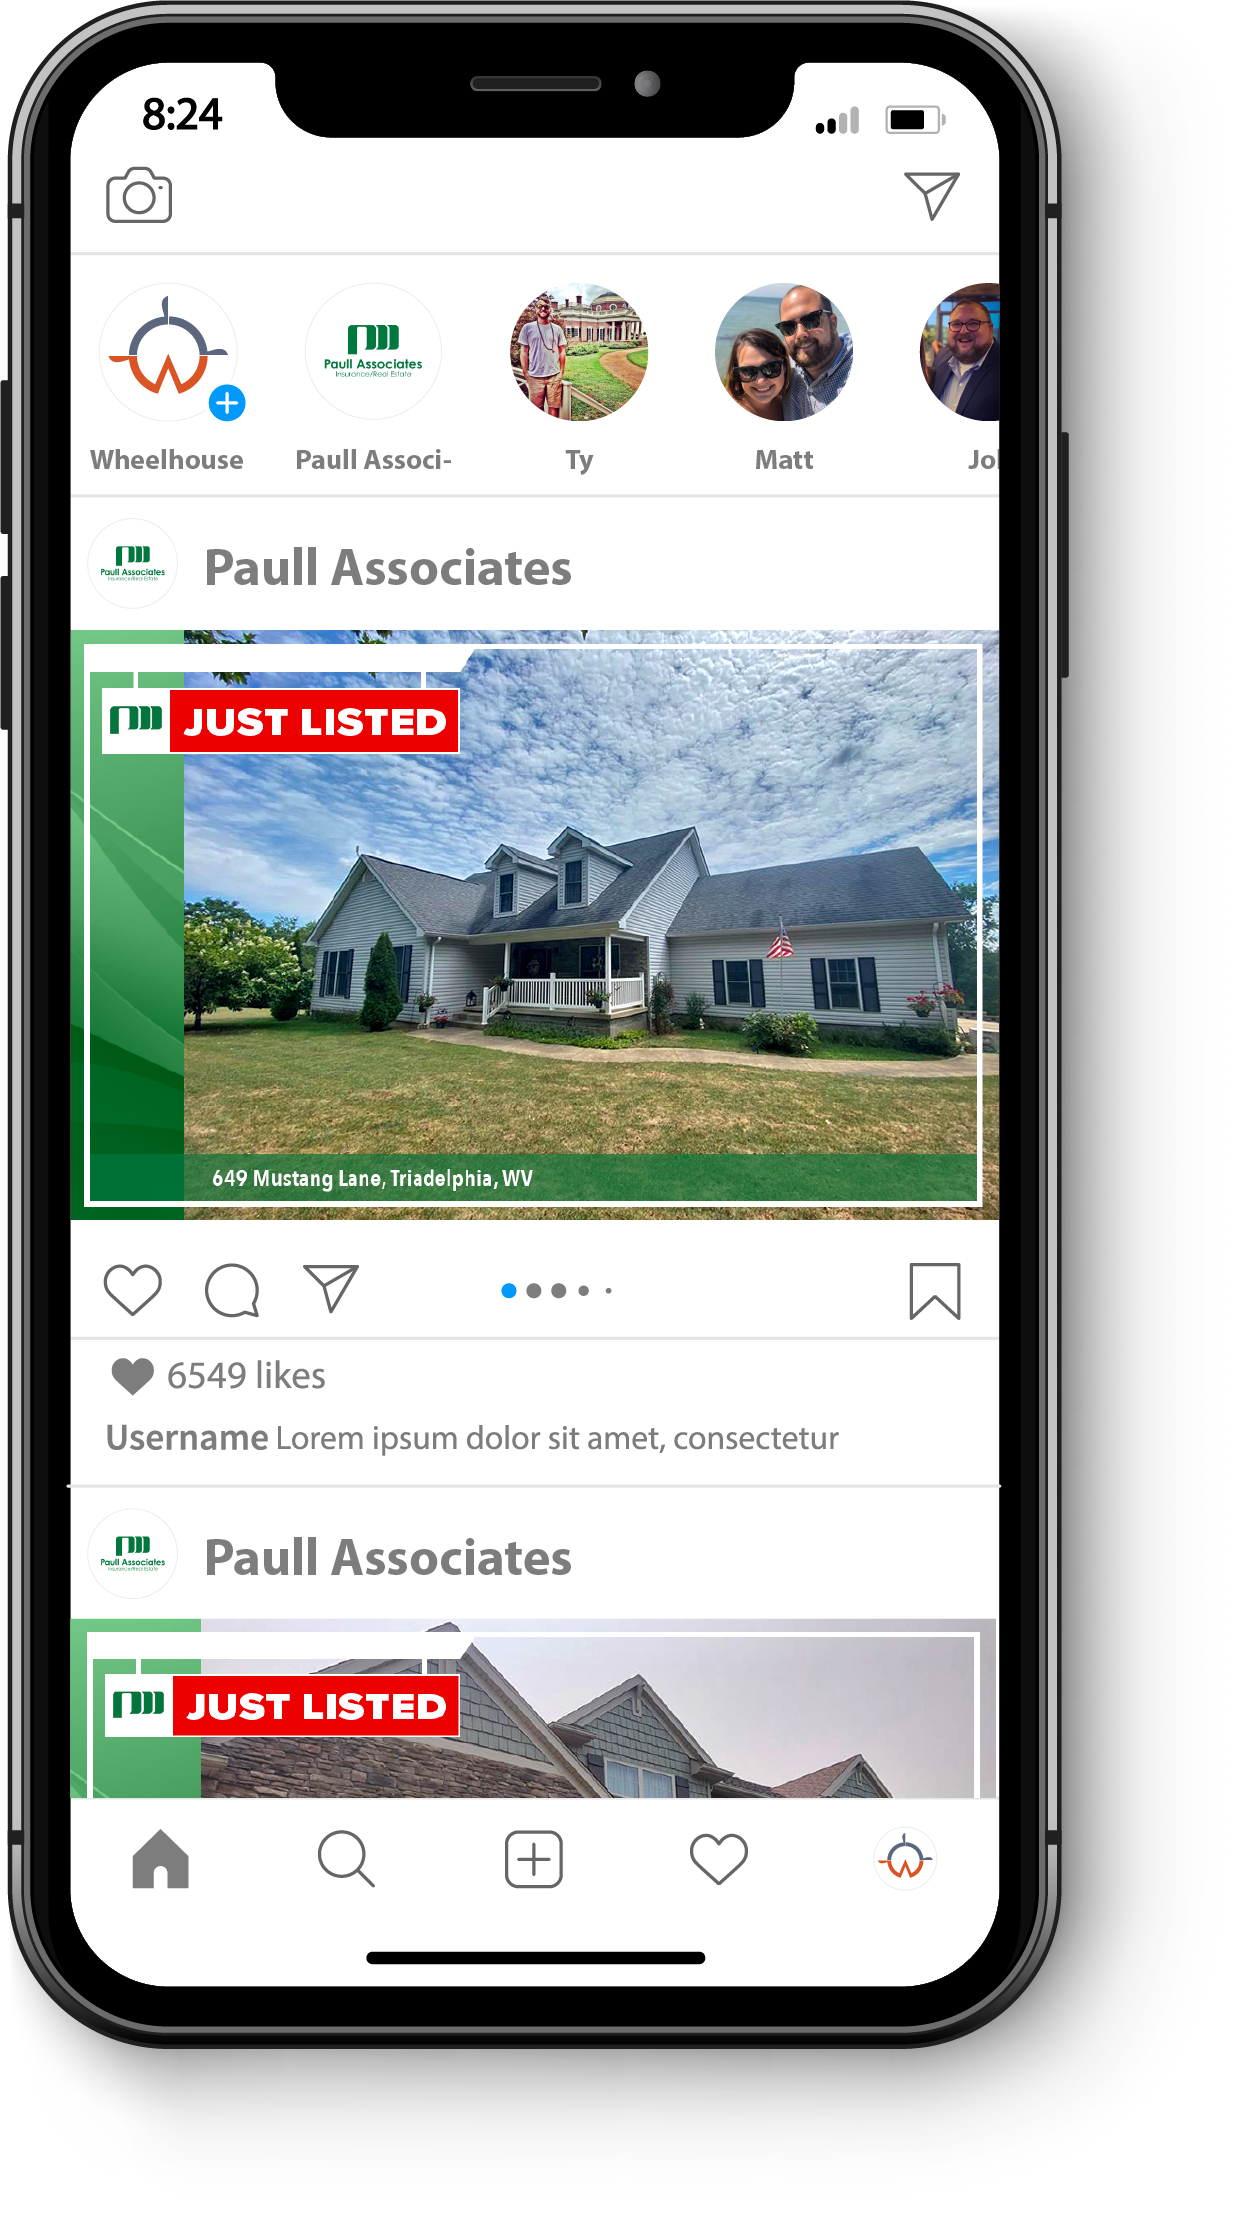 Paull Associates